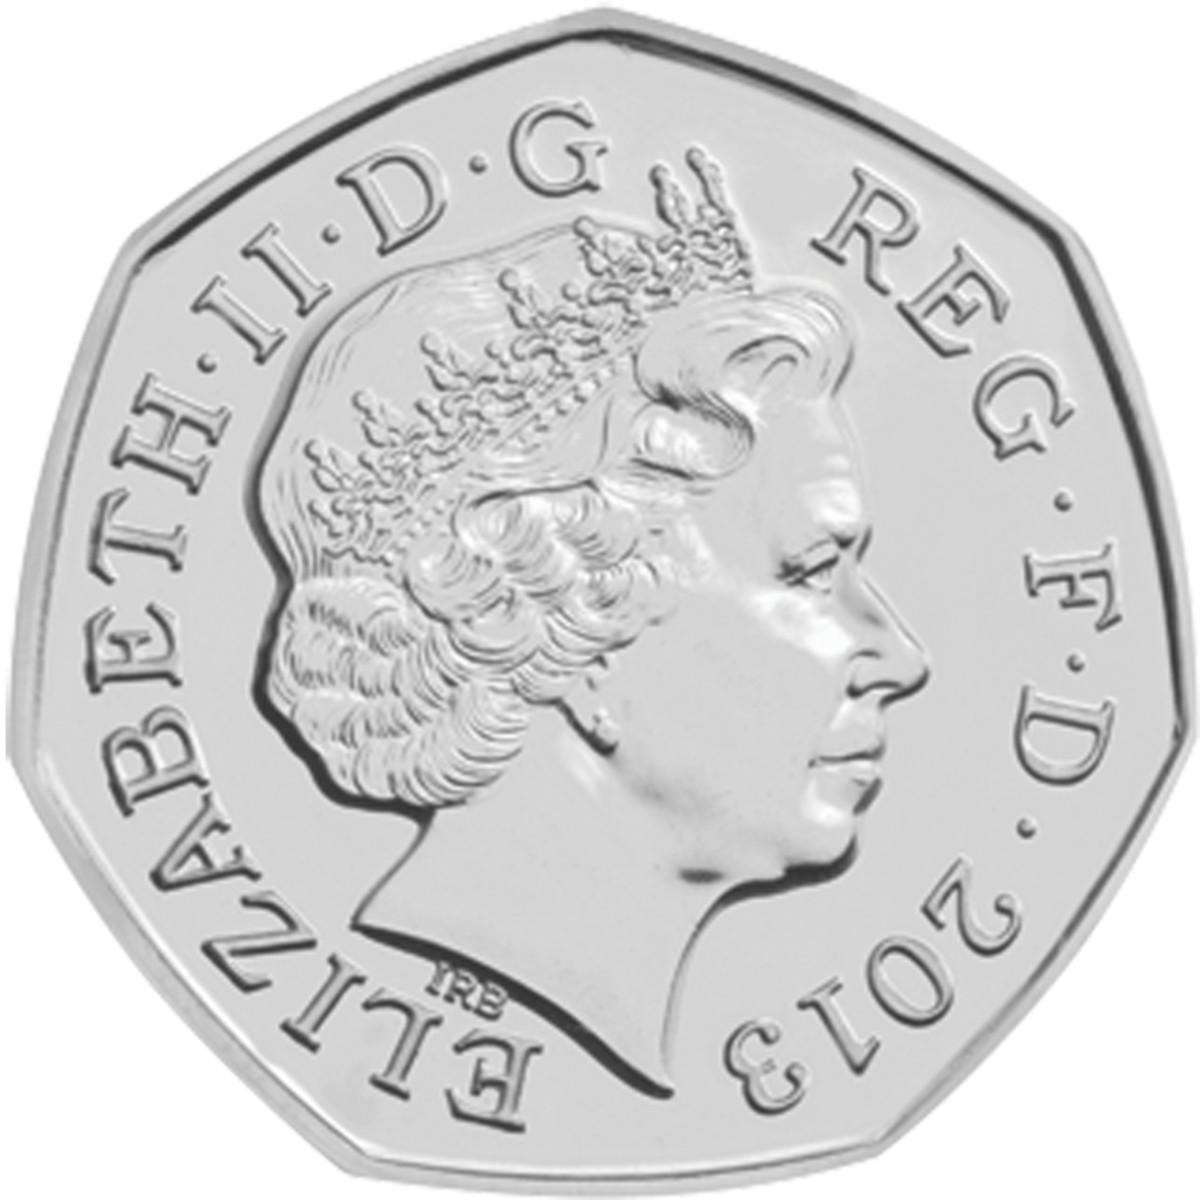 The current portrait of Queen Elizabeth II is expected